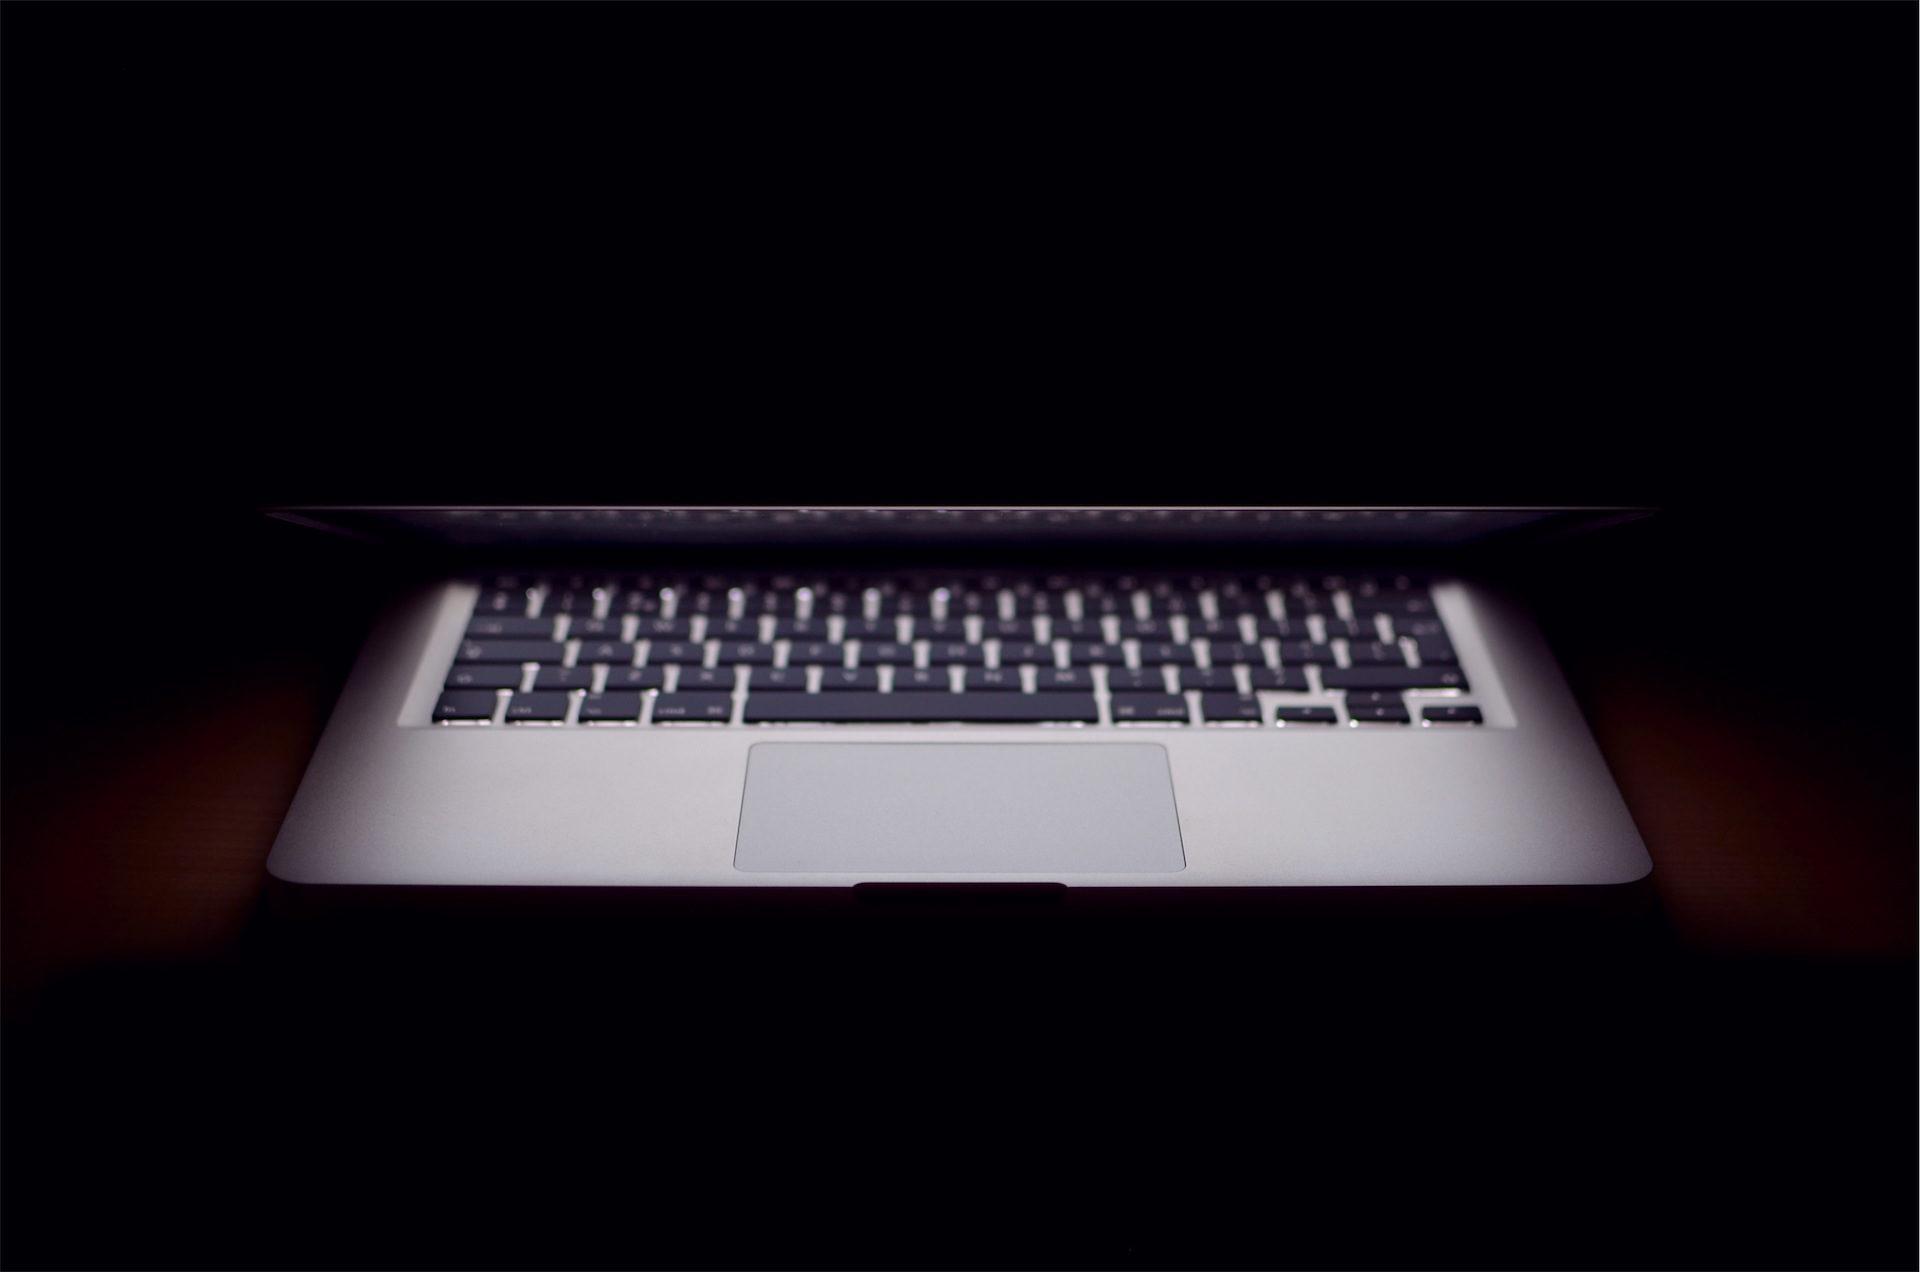 Portable, MacBook, apple, Apple, computador - Papéis de parede HD - Professor-falken.com